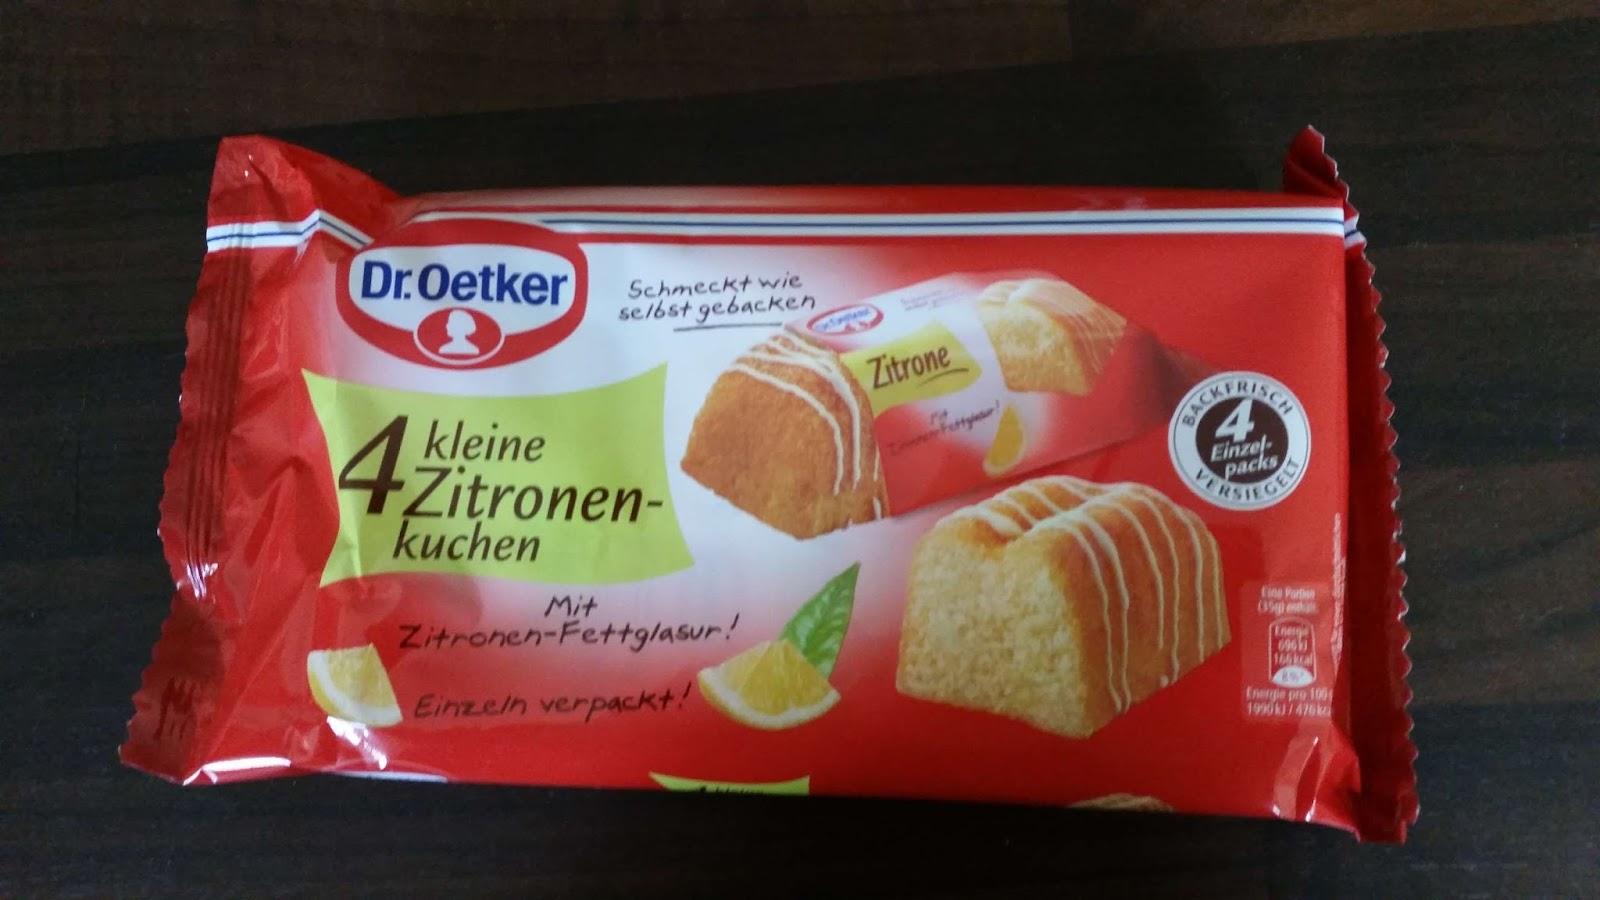 Dr Oetker 4 Kleine Zitronenkuchen Suffis Welt